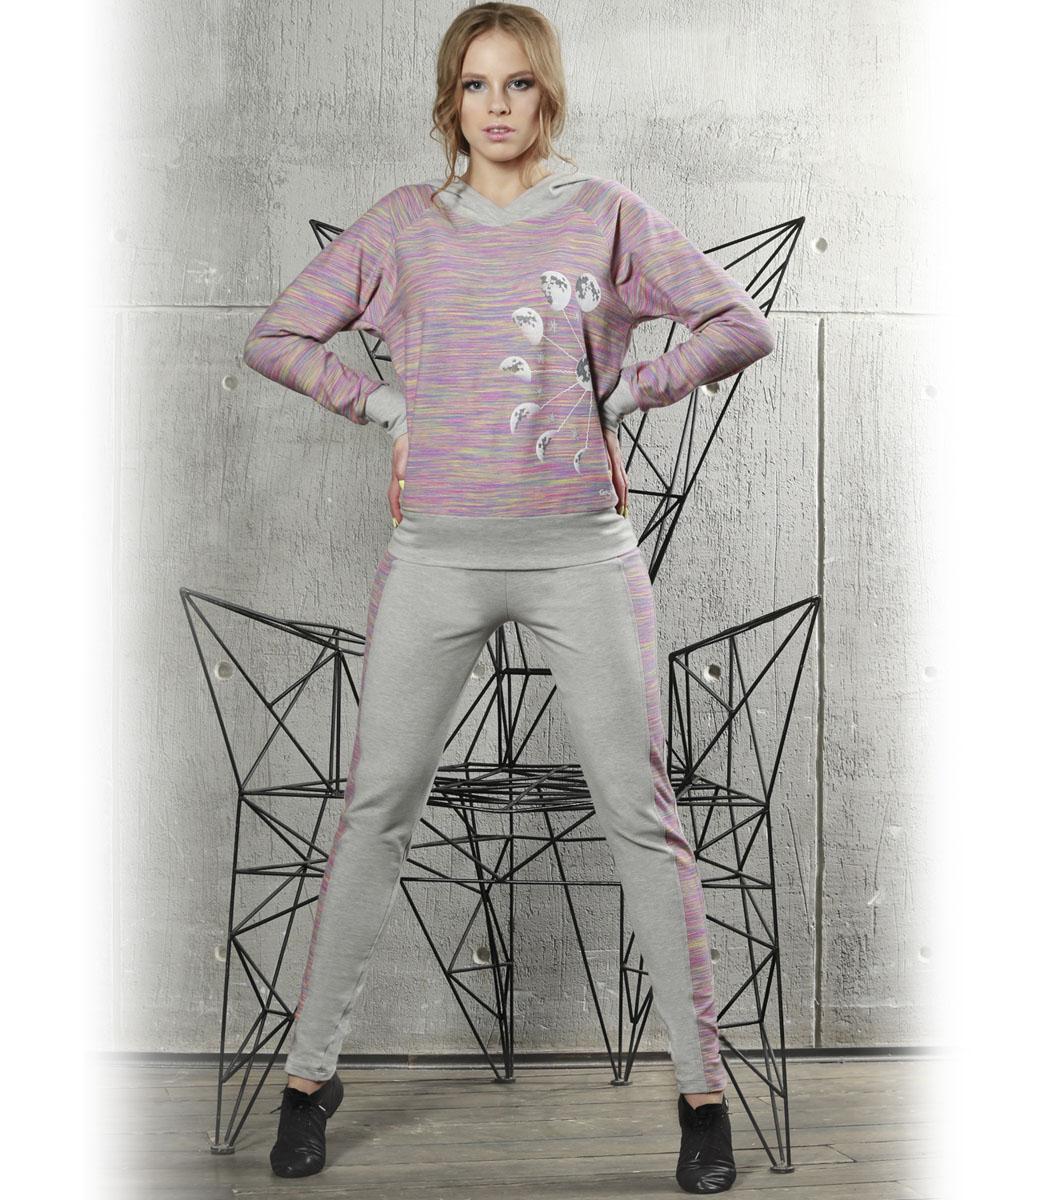 Леггинсы для йоги женские Grishko Yoga, цвет: светло-серый, розовый. AL-2940. Размер M (46)AL-2940Модные леггинсы отлично сочетаются с джемперами и толстовками из линии Grishko Yoga, создавая ультрасовременный спортивный комплект для занятий и прогулок. Леггинсы выполнены из плотного двухстороннего меланжированнного хлопка с лайкрой нового поколения - необычайно качественного и приятного на ощупь материала. Изделие декорировано широким лампасом актуального цветового сочетания размытого радужного спектра.